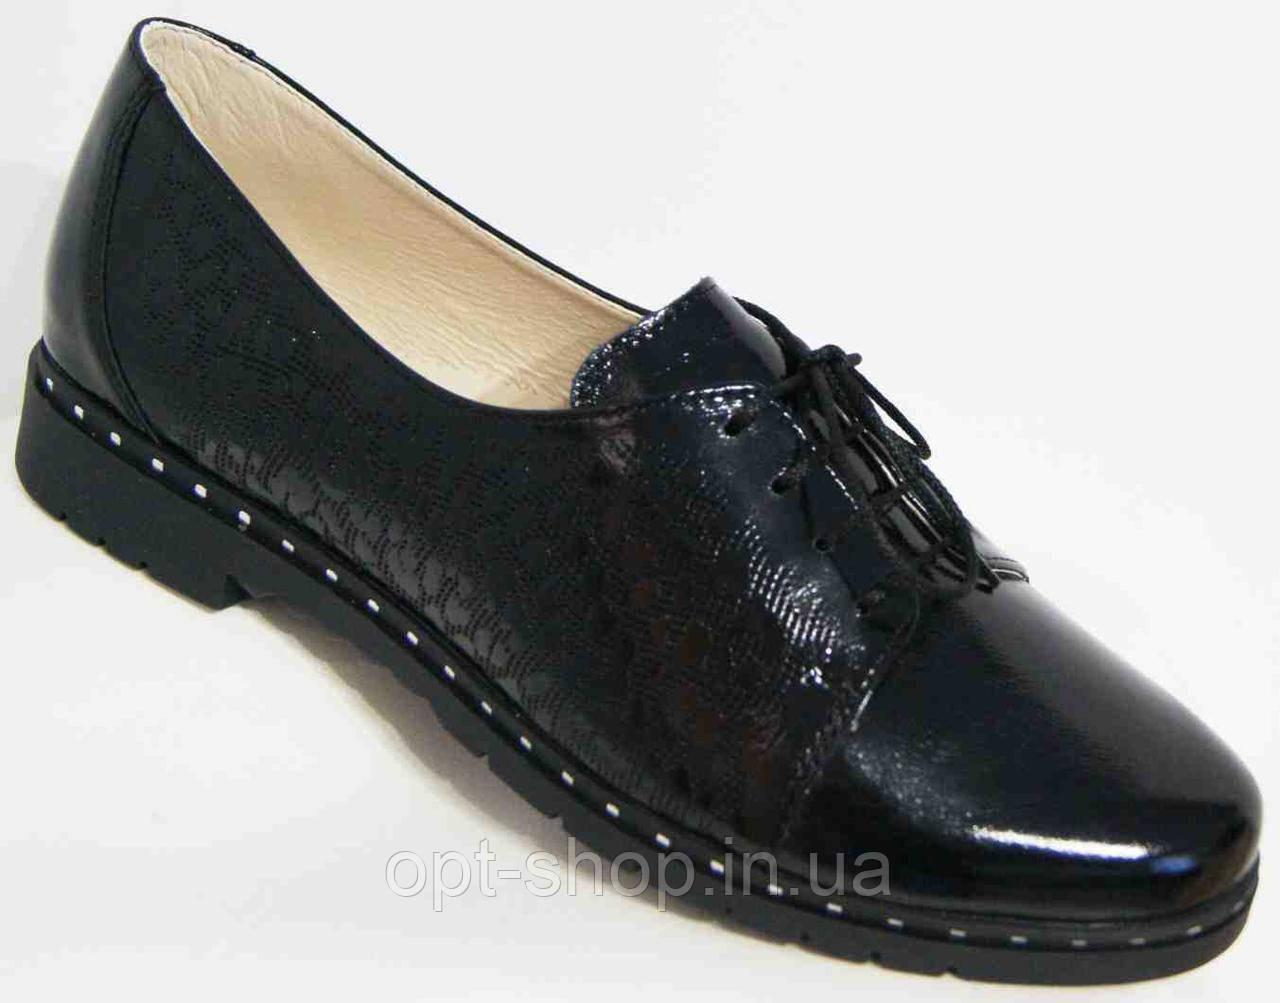 Туфли женские на плоском ходу